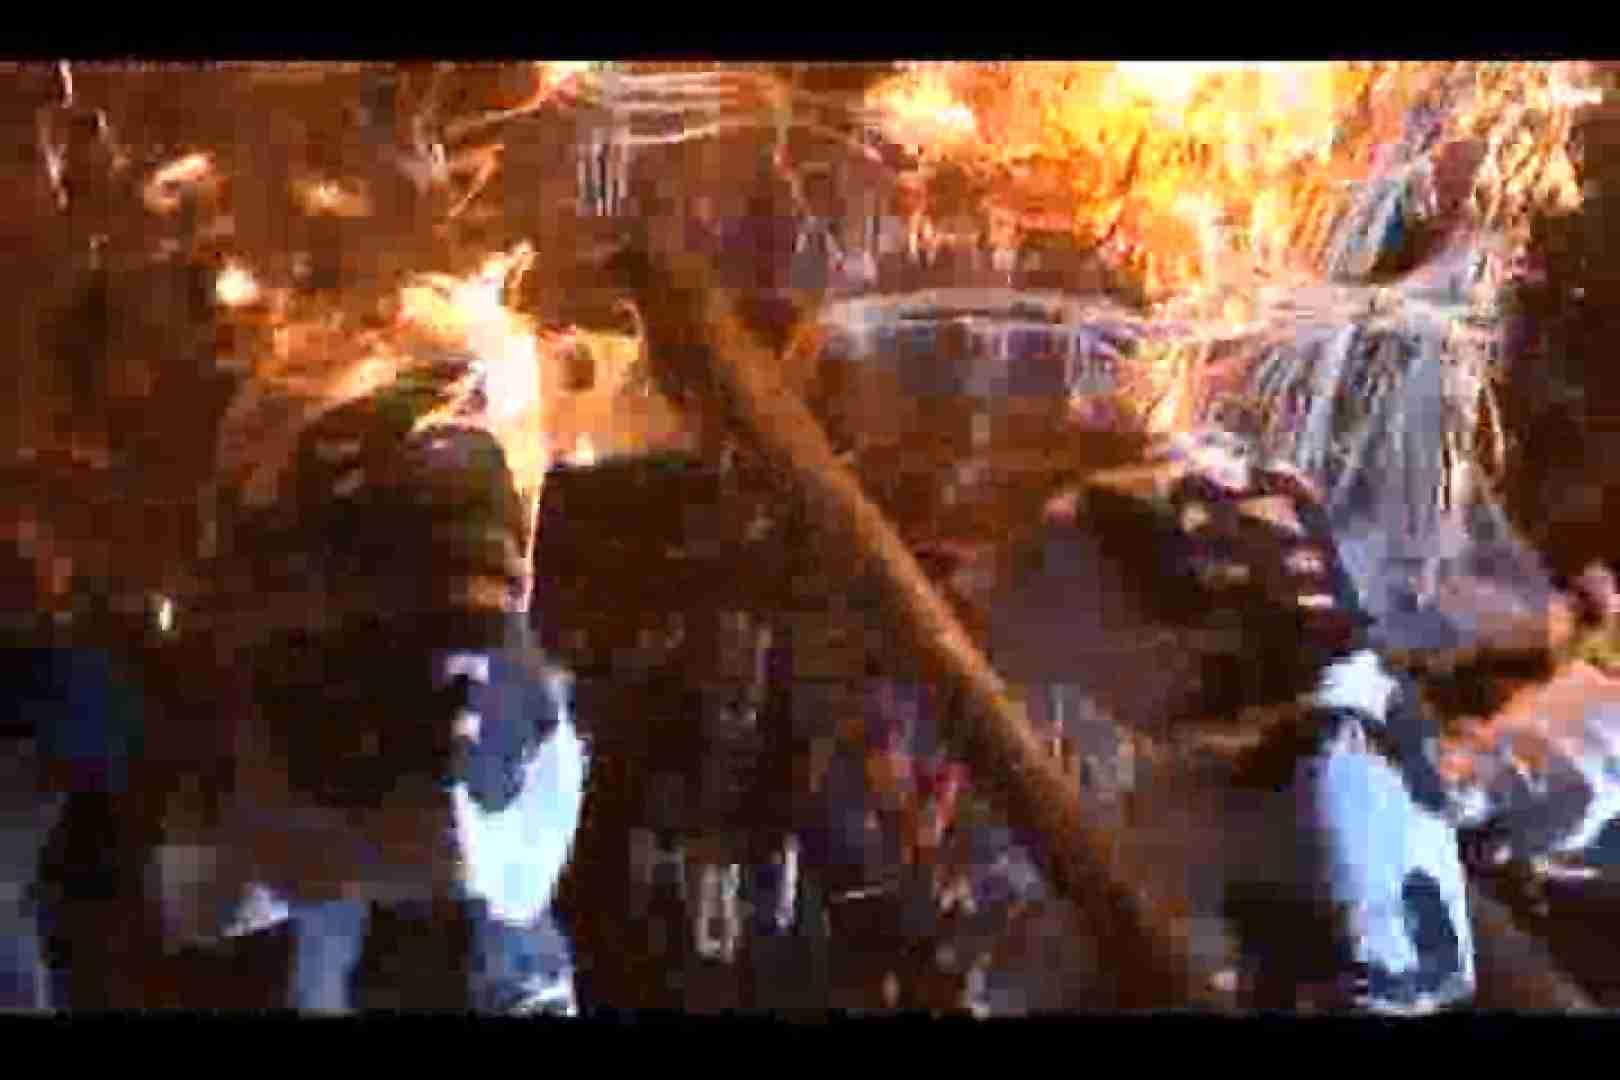 鳥羽の火祭り 3000K!高画質バージョンVOL.03 完全無修正版 ゲイフリーエロ画像 84枚 42